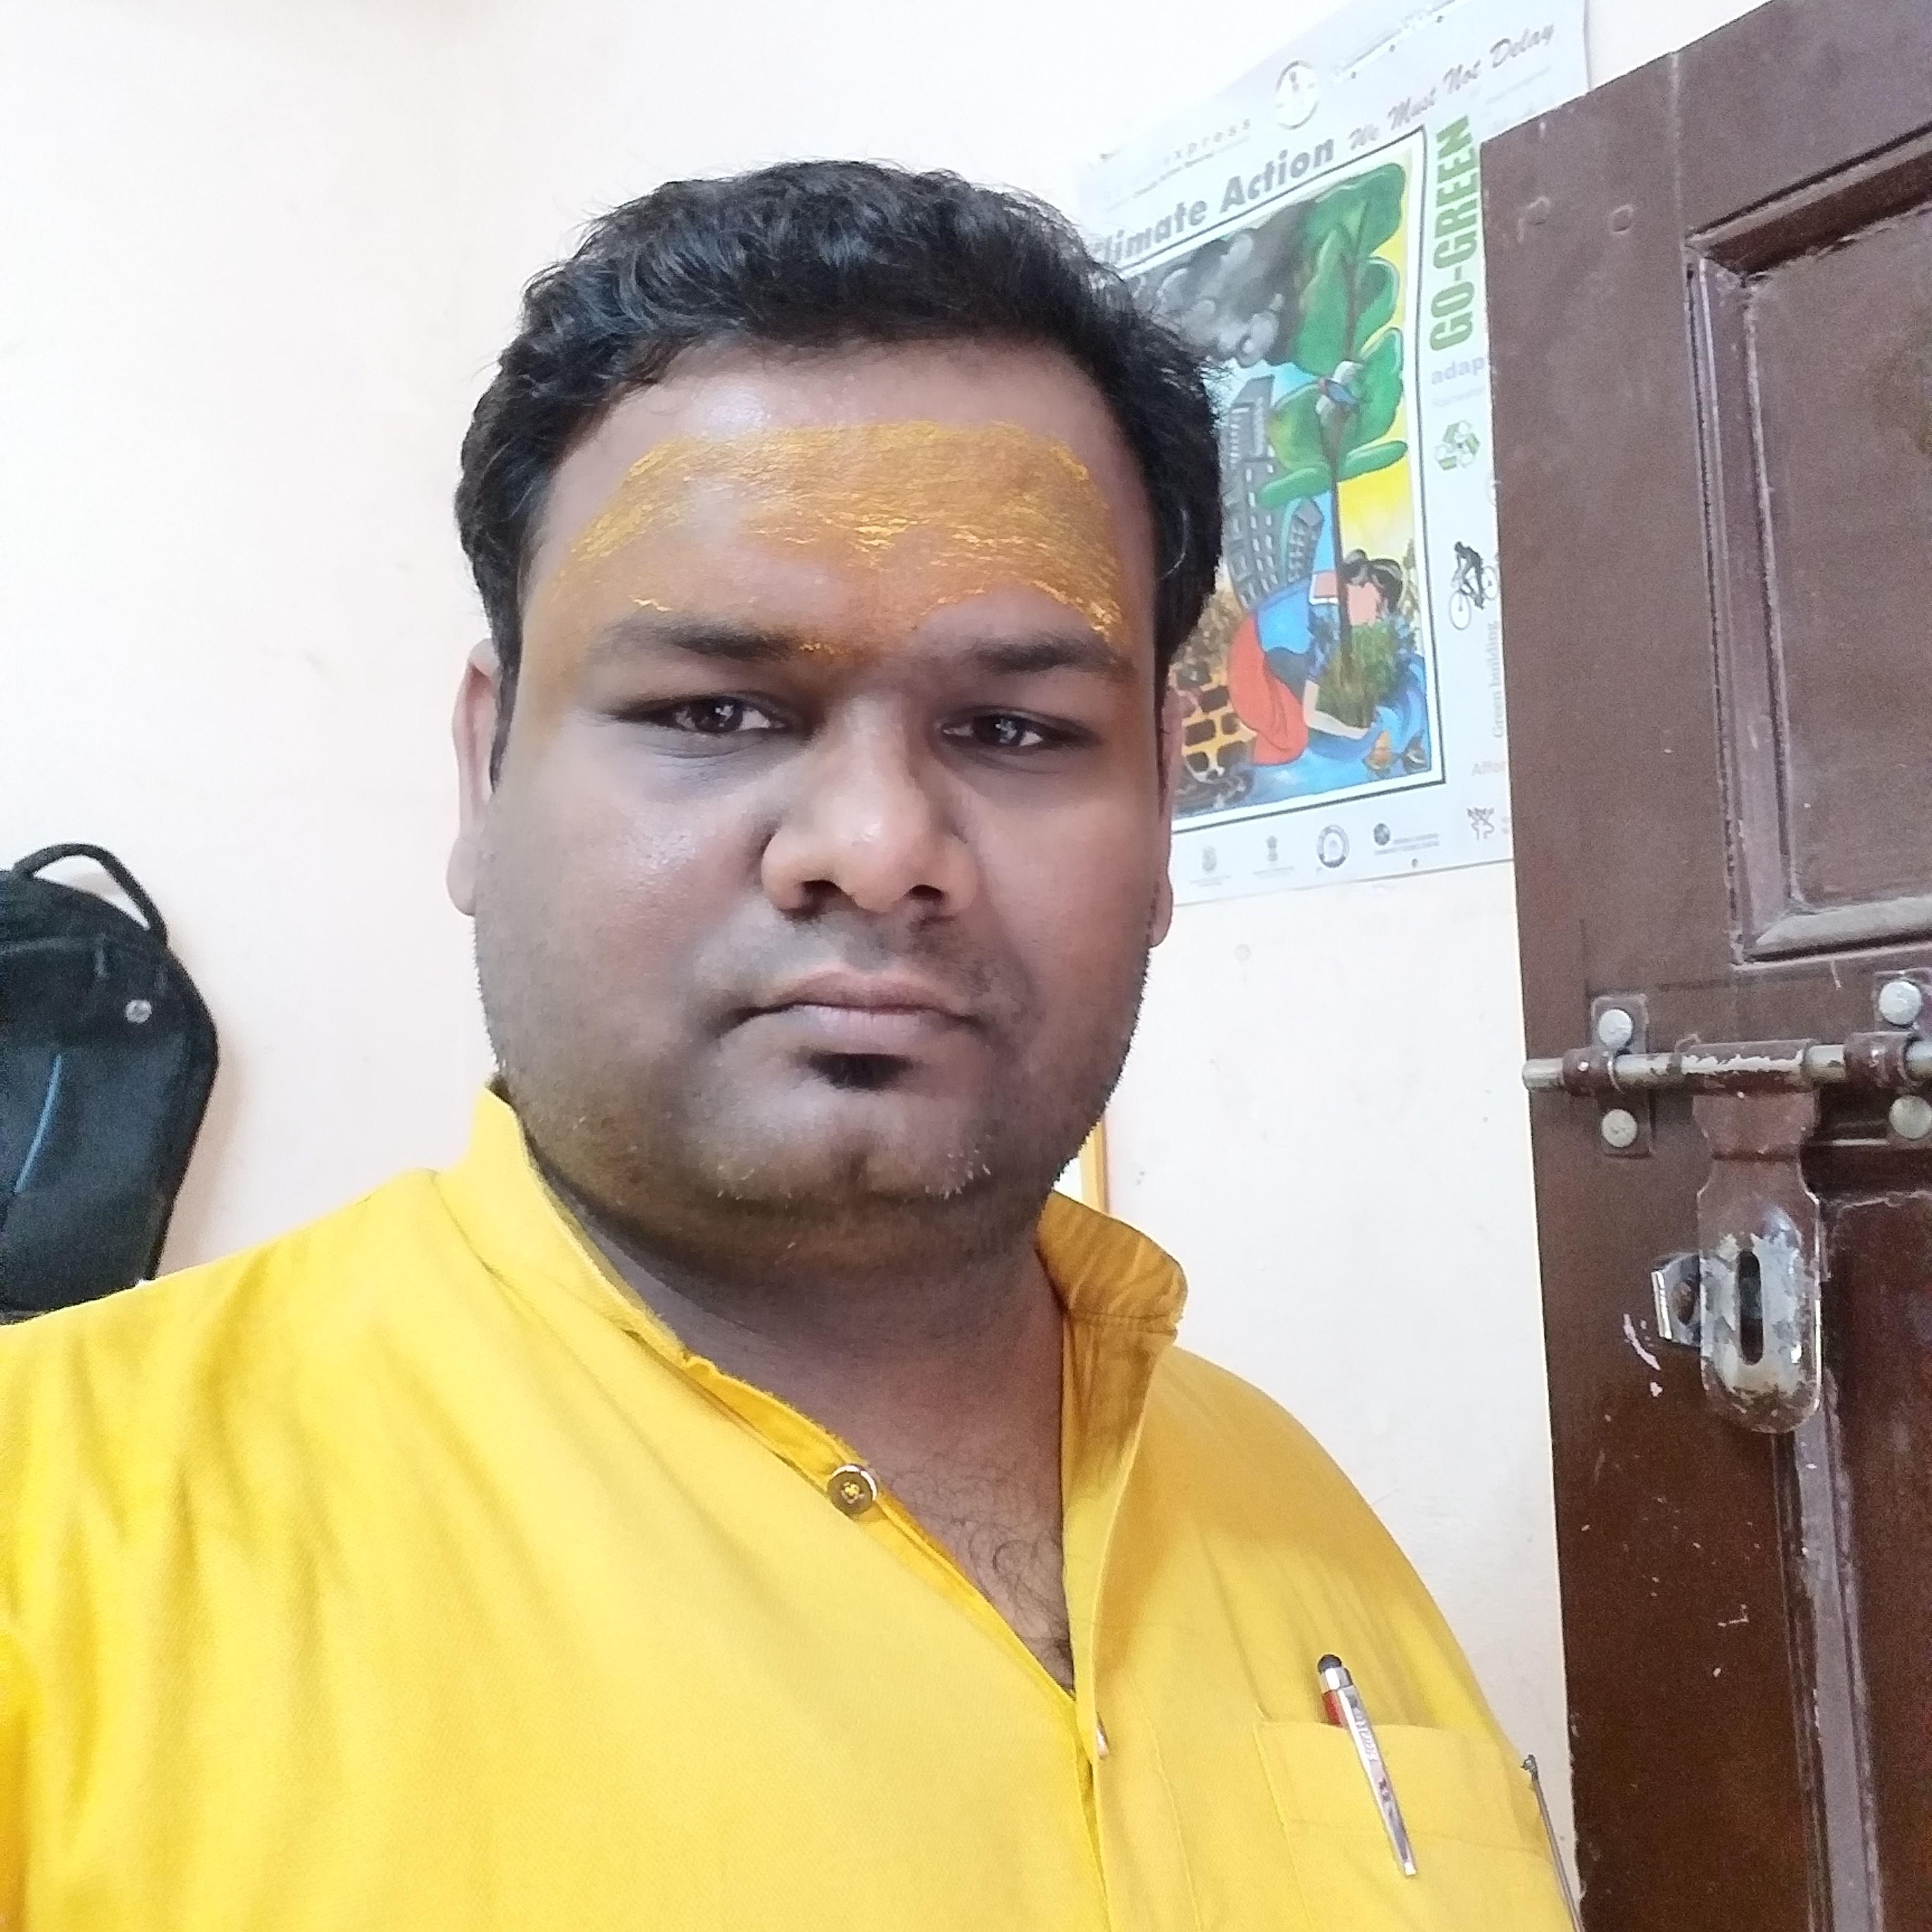 Mayank_gautam